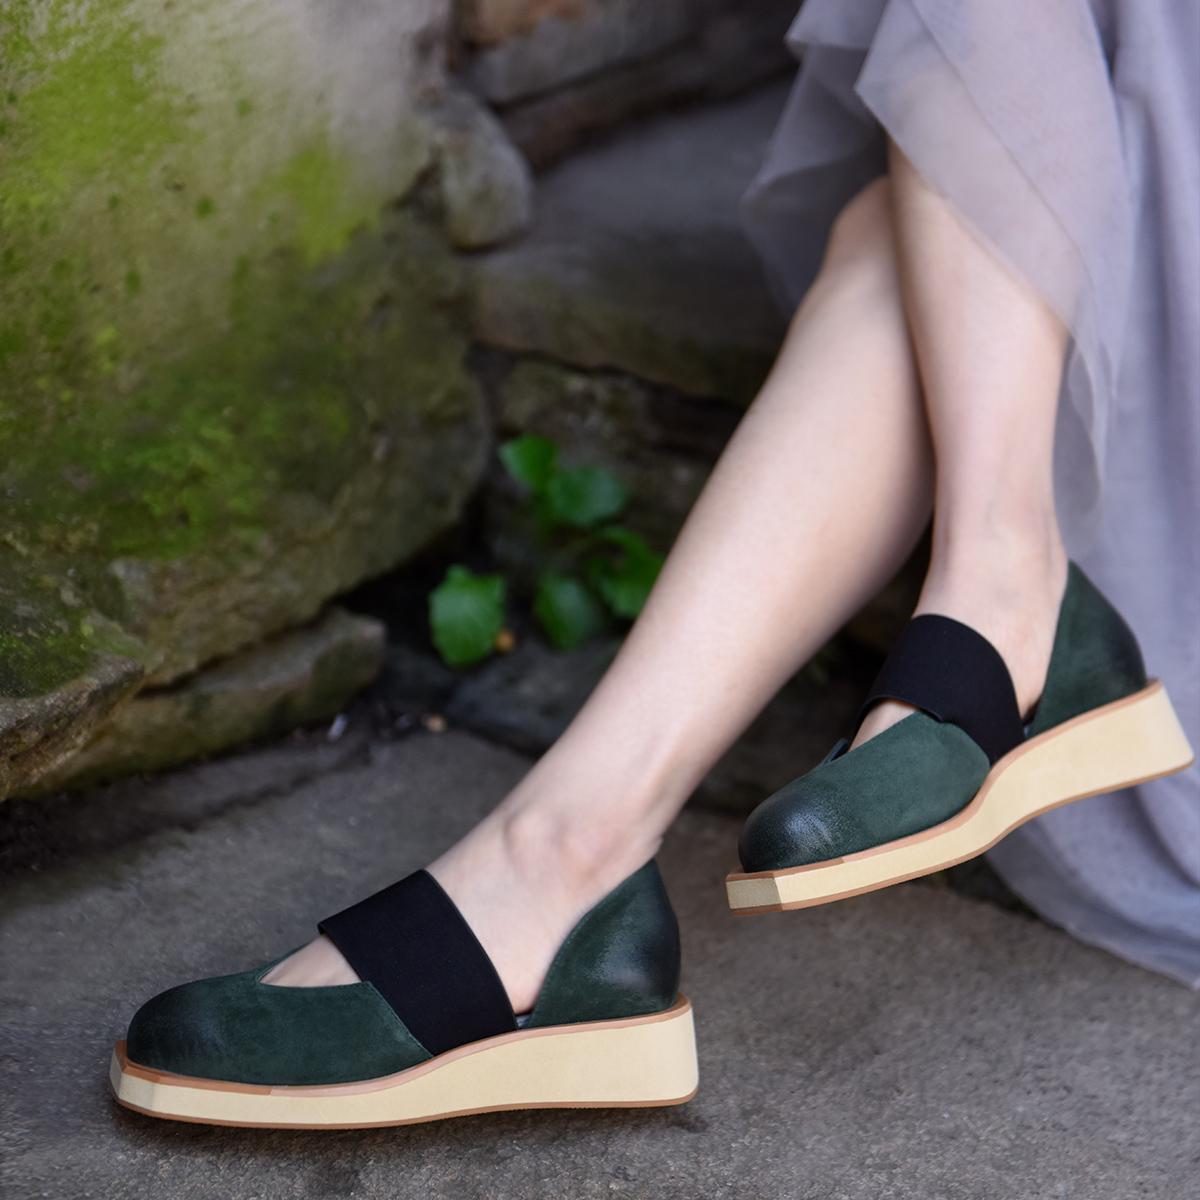 清仓女鞋 Artmu阿木原创厚底包头凉鞋女真皮坡跟方头半凉鞋